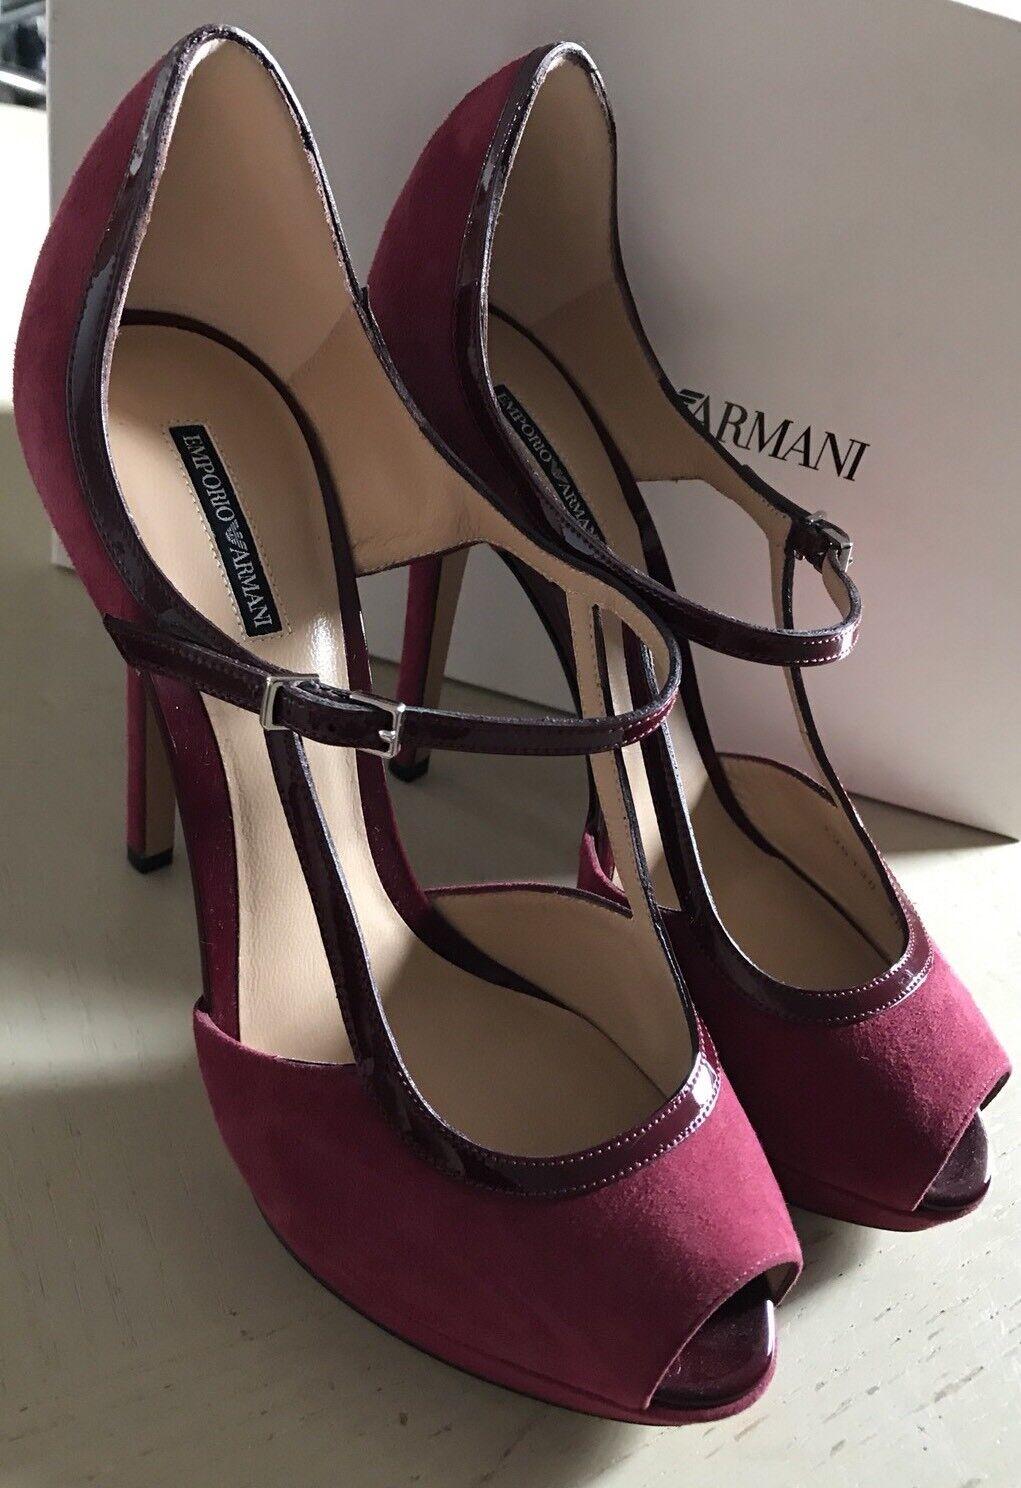 NIB $695 Emporio Armani Women's Sandal Shoes Red/Burgundy 6 US ( 36 Eu ) X3G130